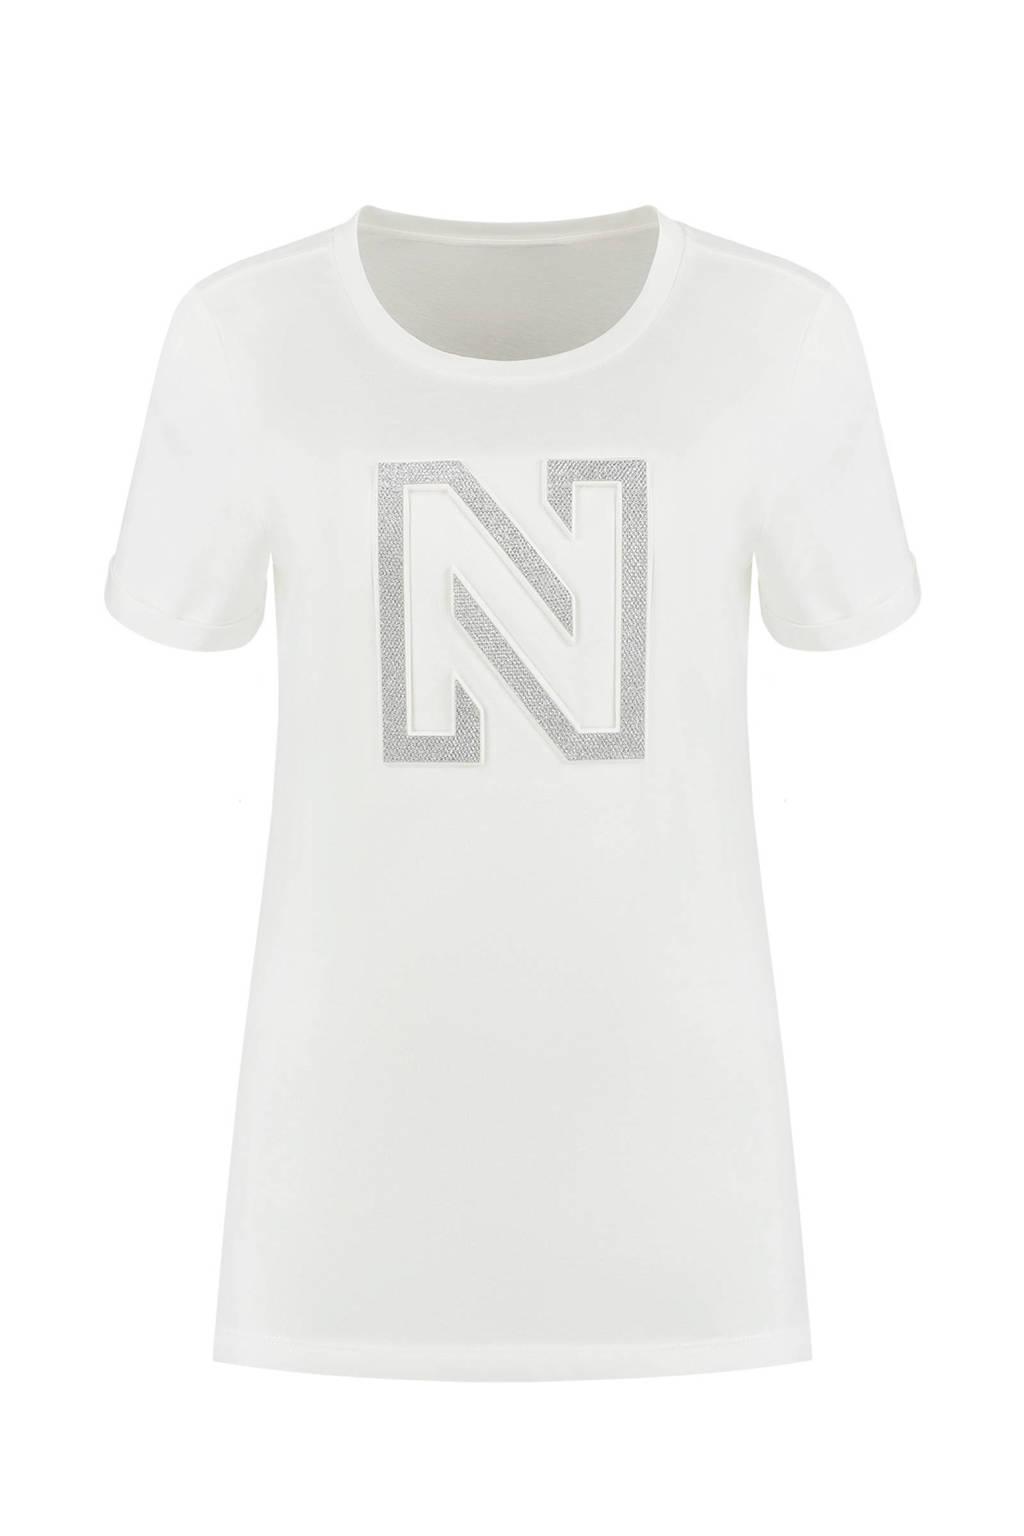 NIKKIE T-shirt Embossed N T-Shirt met logo wit, Wit